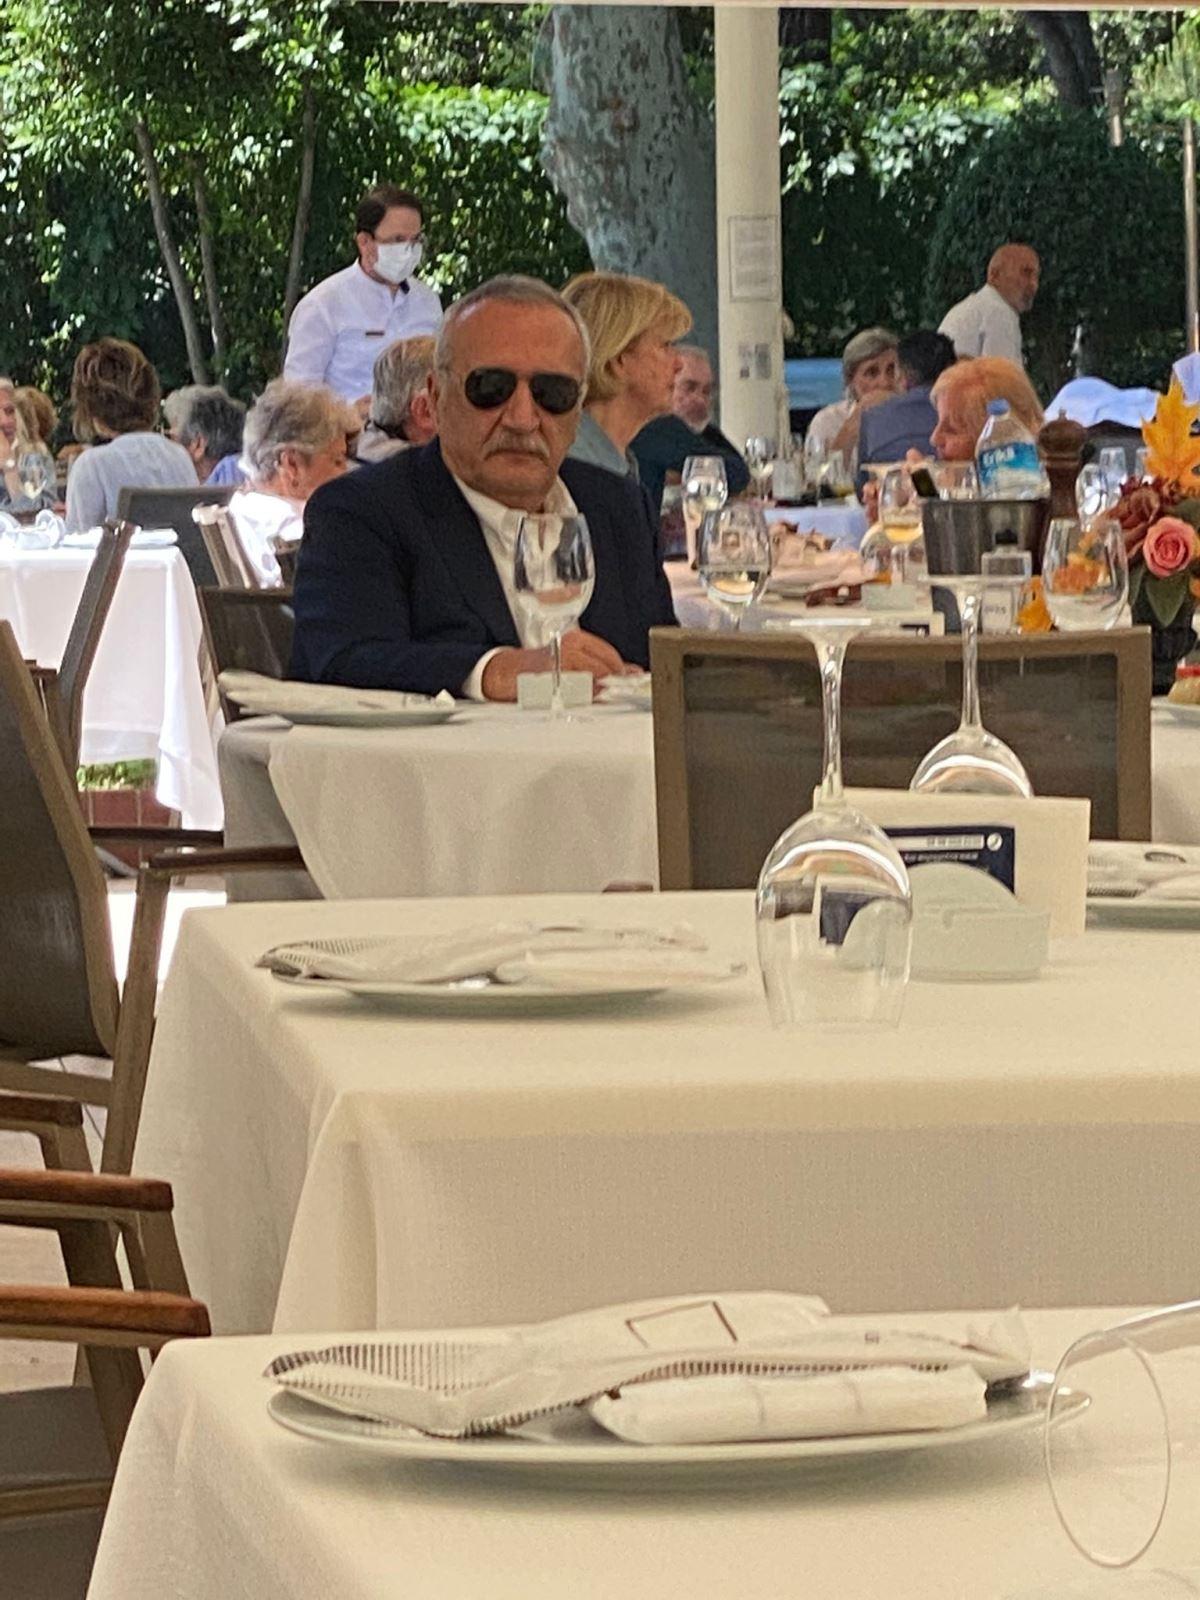 <p>Peker, iddialarını sürdürürken; Ağar tarafı ise sessizliğini korumuştu.&nbsp;</p><p>Ağar, bugün İstanbul Caddebostan'da ortaya çıktı. Eski bakan, Caddebostan'da bulunan Büyük Kulüp'te görüntülendi.</p>